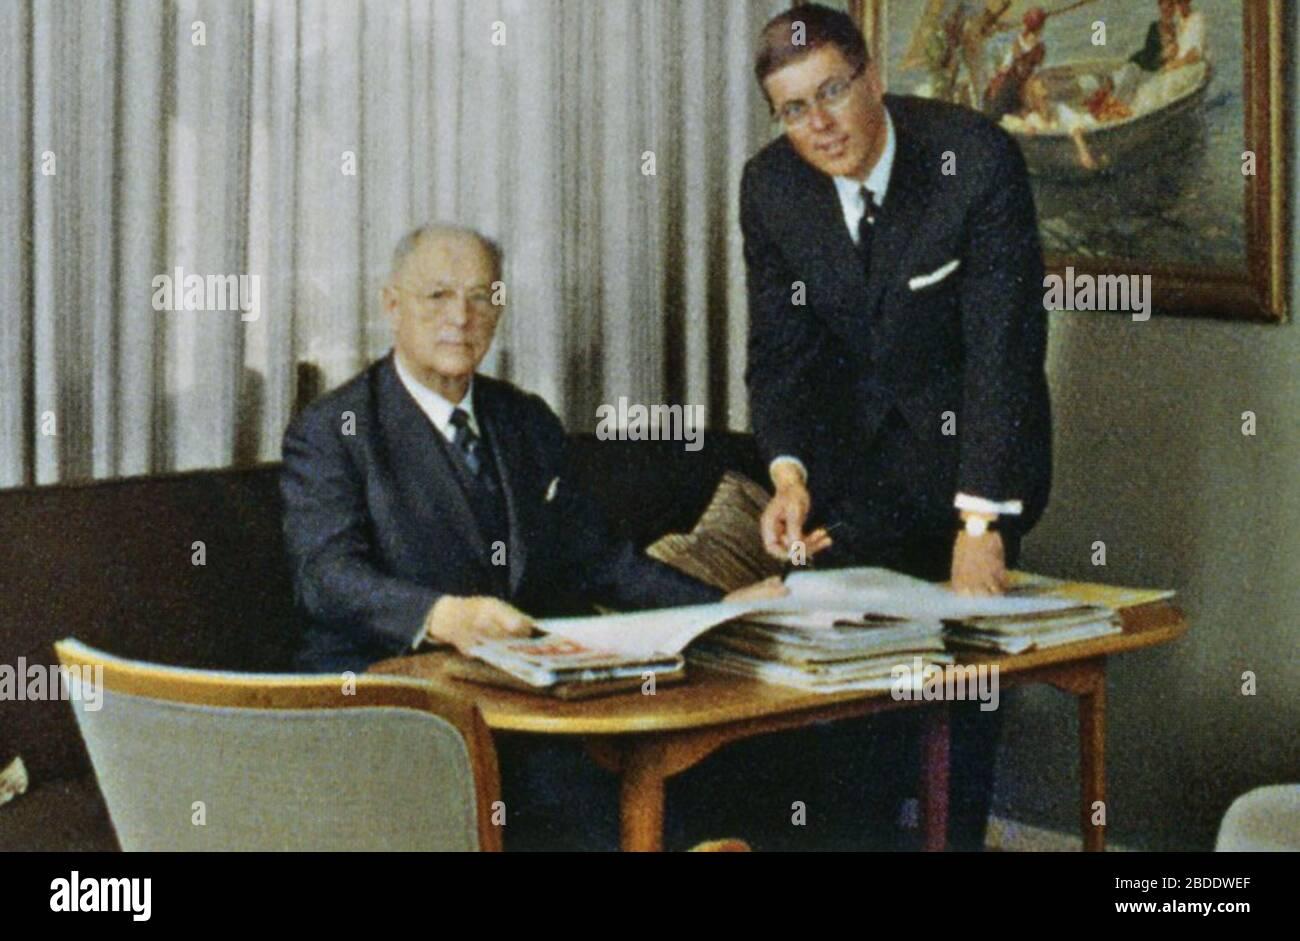 """""""Svenska: Bertil Gylling senior och junior på kontoret 1960-tal; 1960s date QS:P,+1960-00-00T00:00:00Z/8; Gylling & Co; ingen uppgift; """" Stock Photo"""